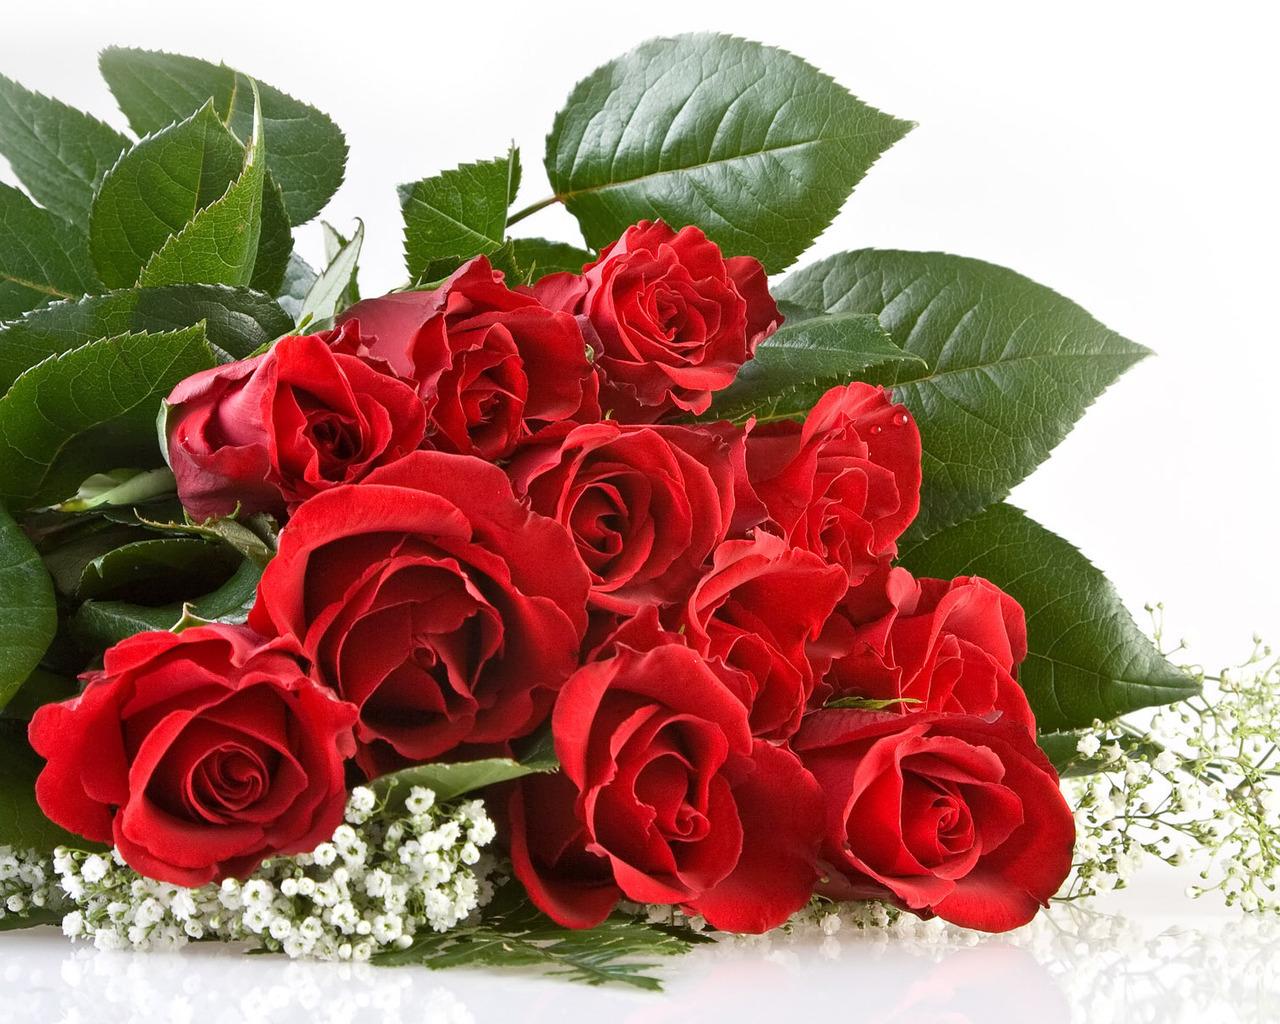 Картинка свіжі троянди квіти скачати